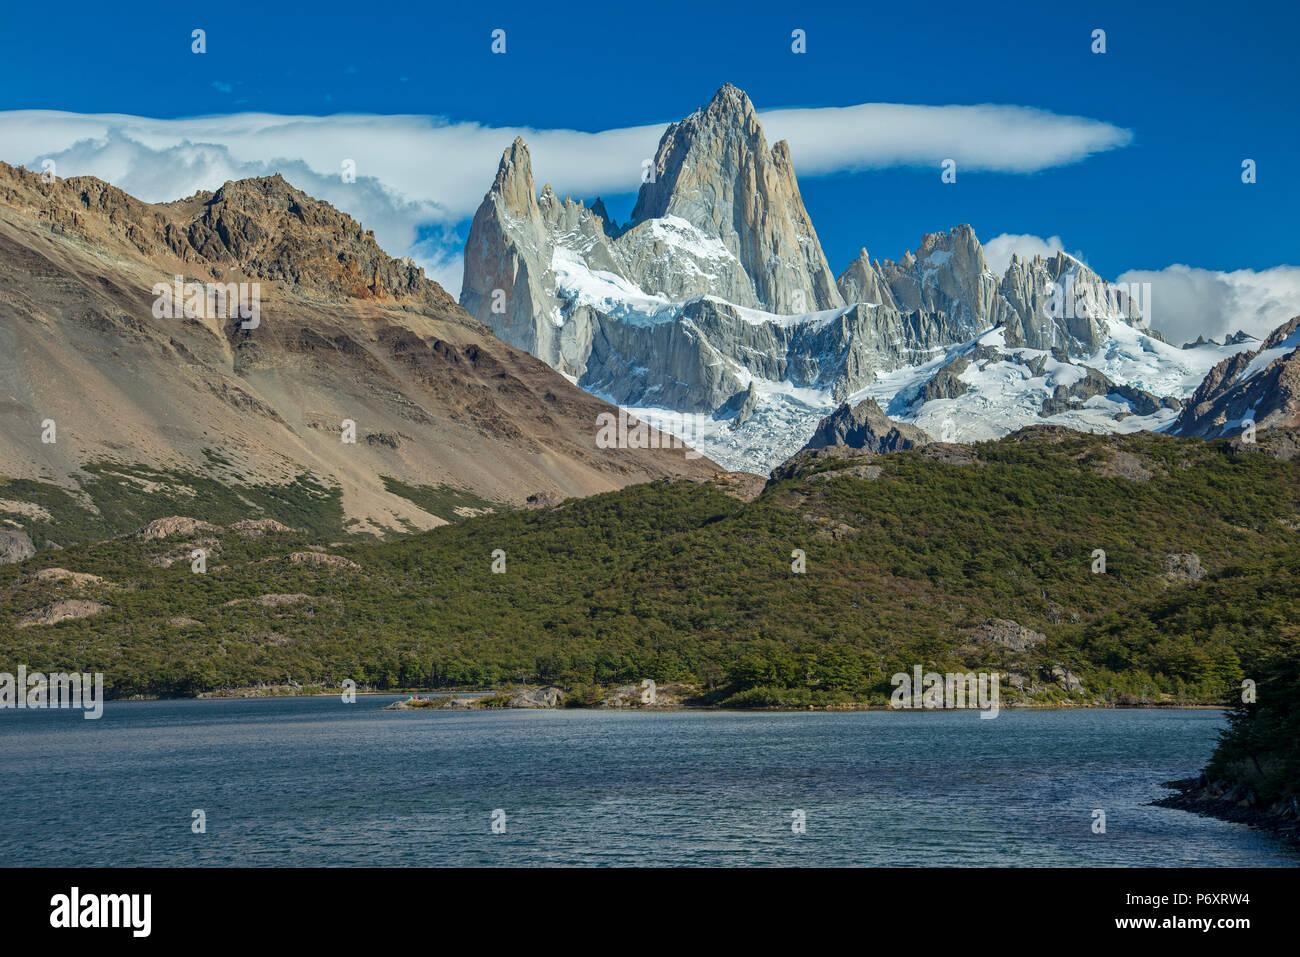 Sud America, Patagonia, Argentina, Santa Cruz, El Chalten, parco nazionale Los Glaciares Immagini Stock